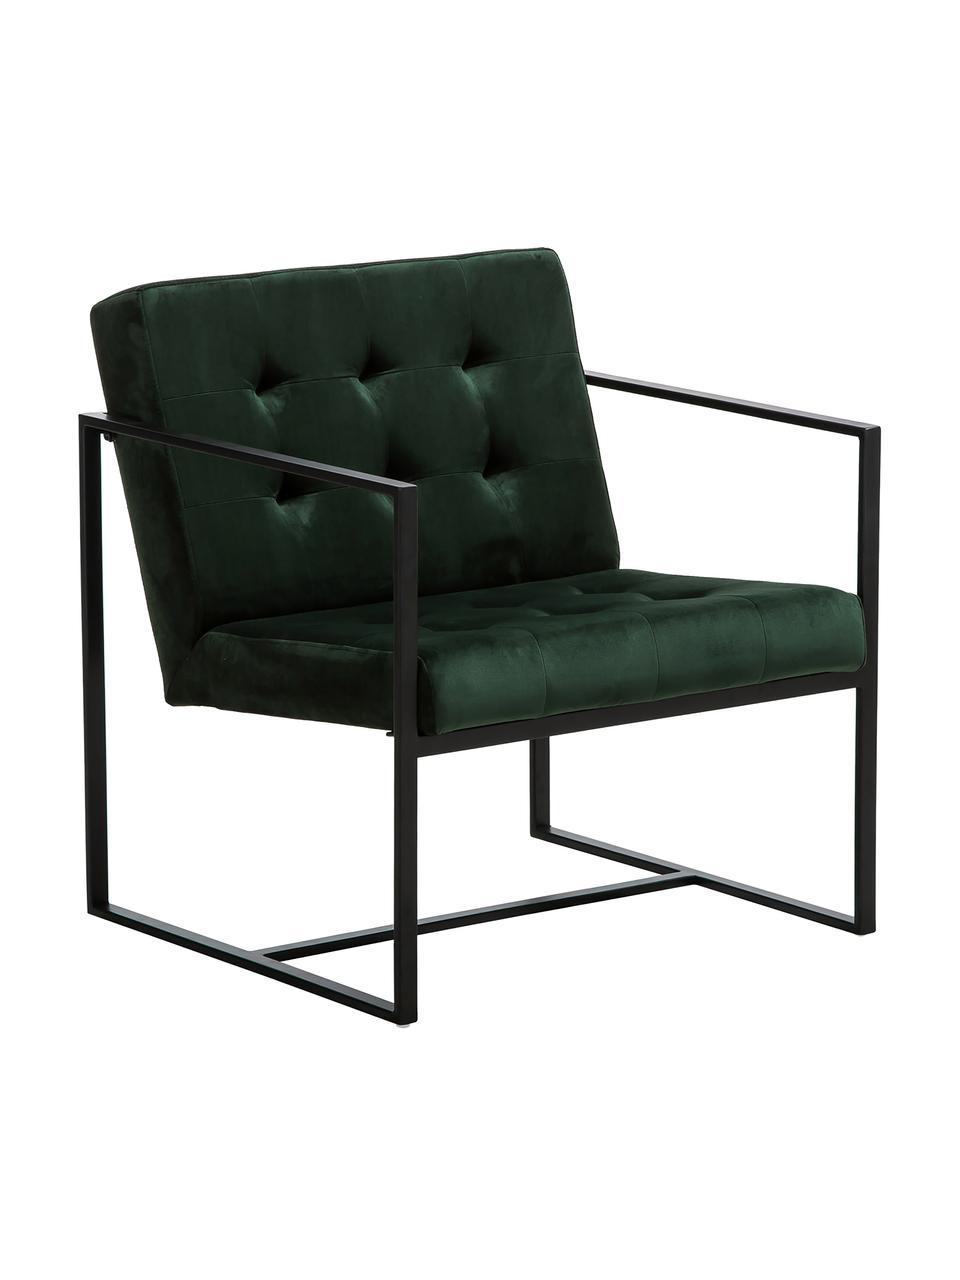 Sedia a poltrona in velluto Manhattan, Rivestimento: velluto (poliestere) 50.0, Struttura: metallo verniciato a polv, Velluto verde scuro, Larg. 70 x Prof. 72 cm